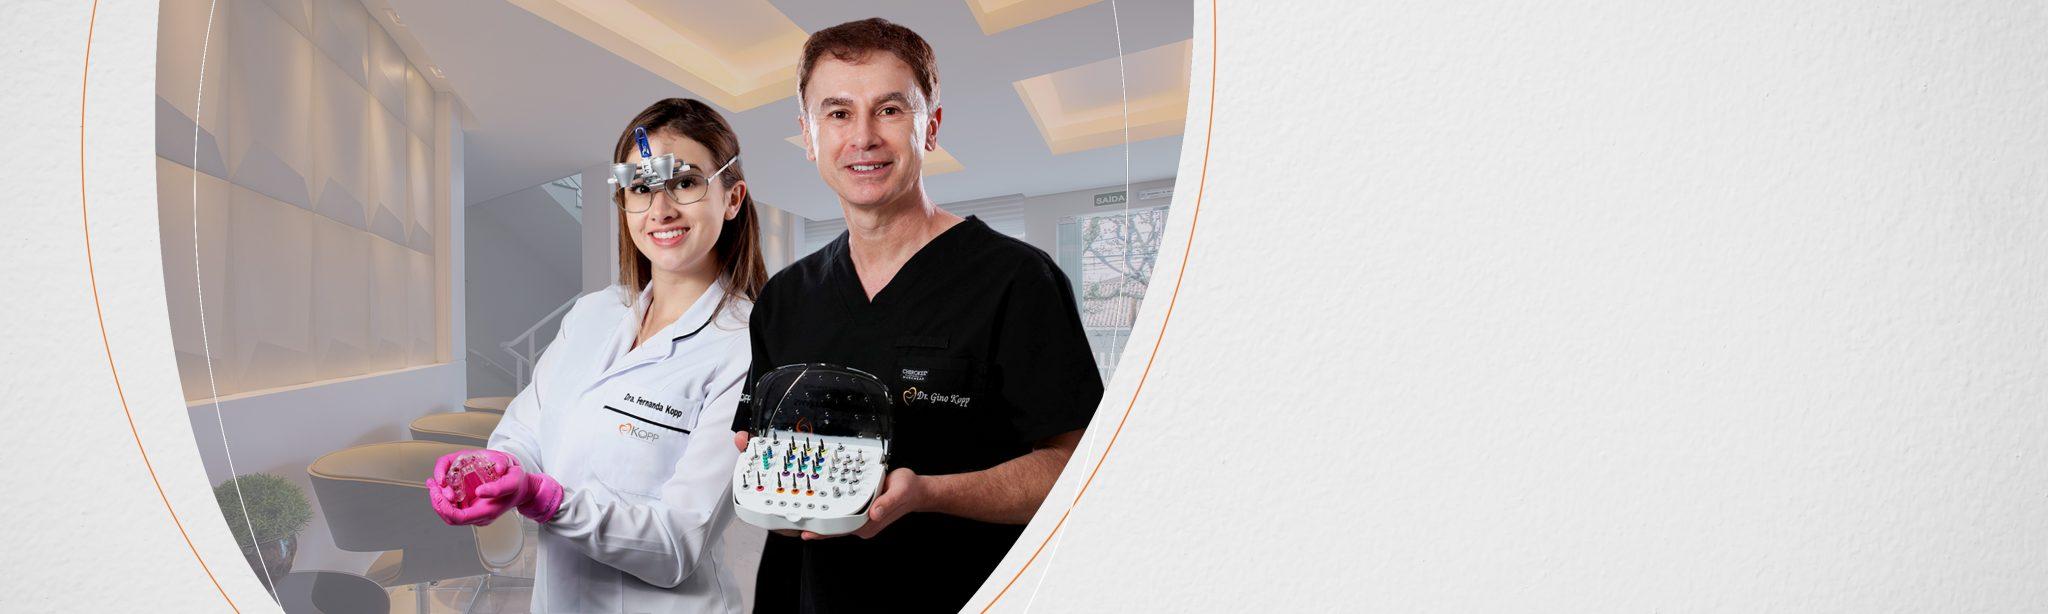 Implante guiado kopp